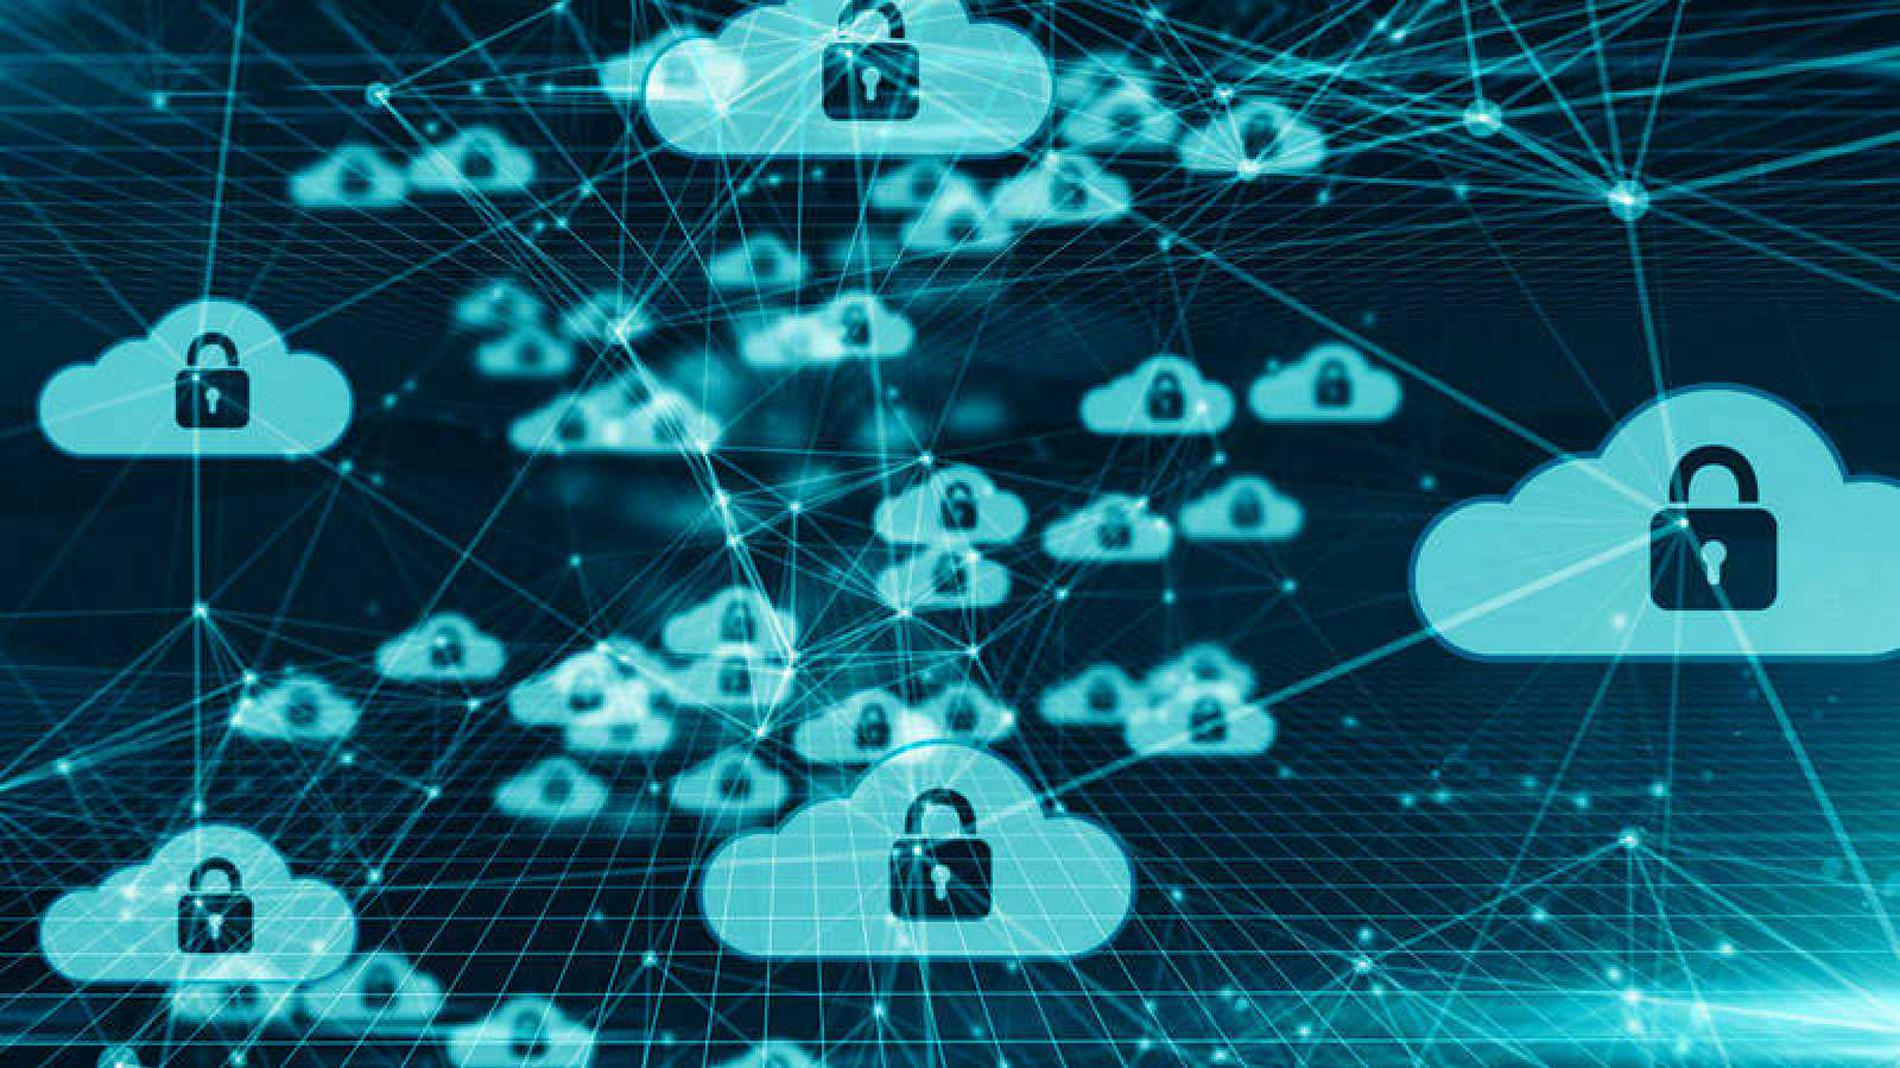 Dentro de la nube: el universo infinito que alberga todos los datos de internet